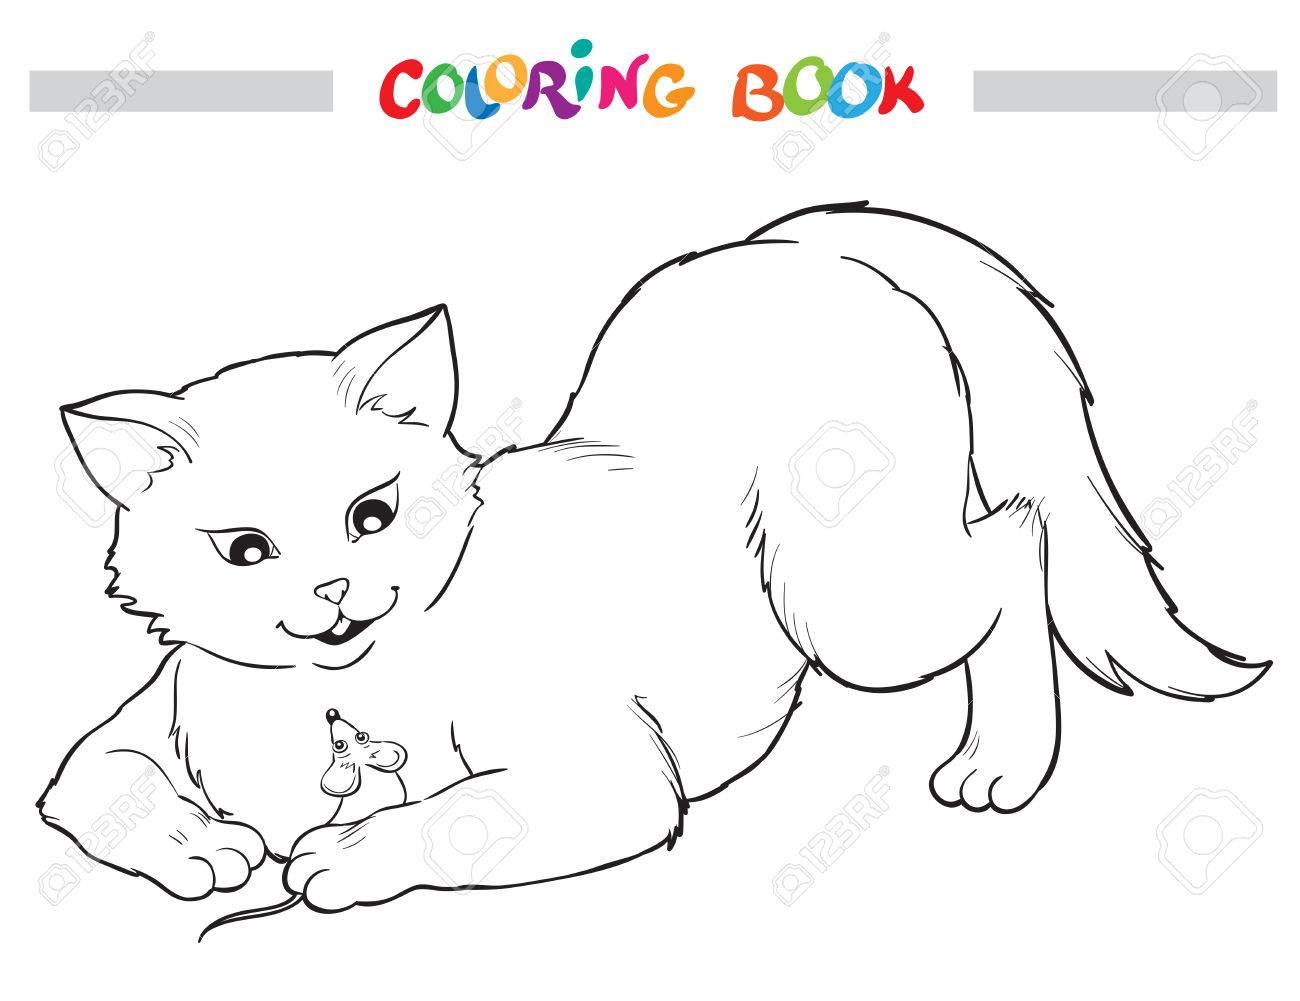 Libro Para Colorear Con Gato Y Ratón Ilustración Del Esquema Del Vector